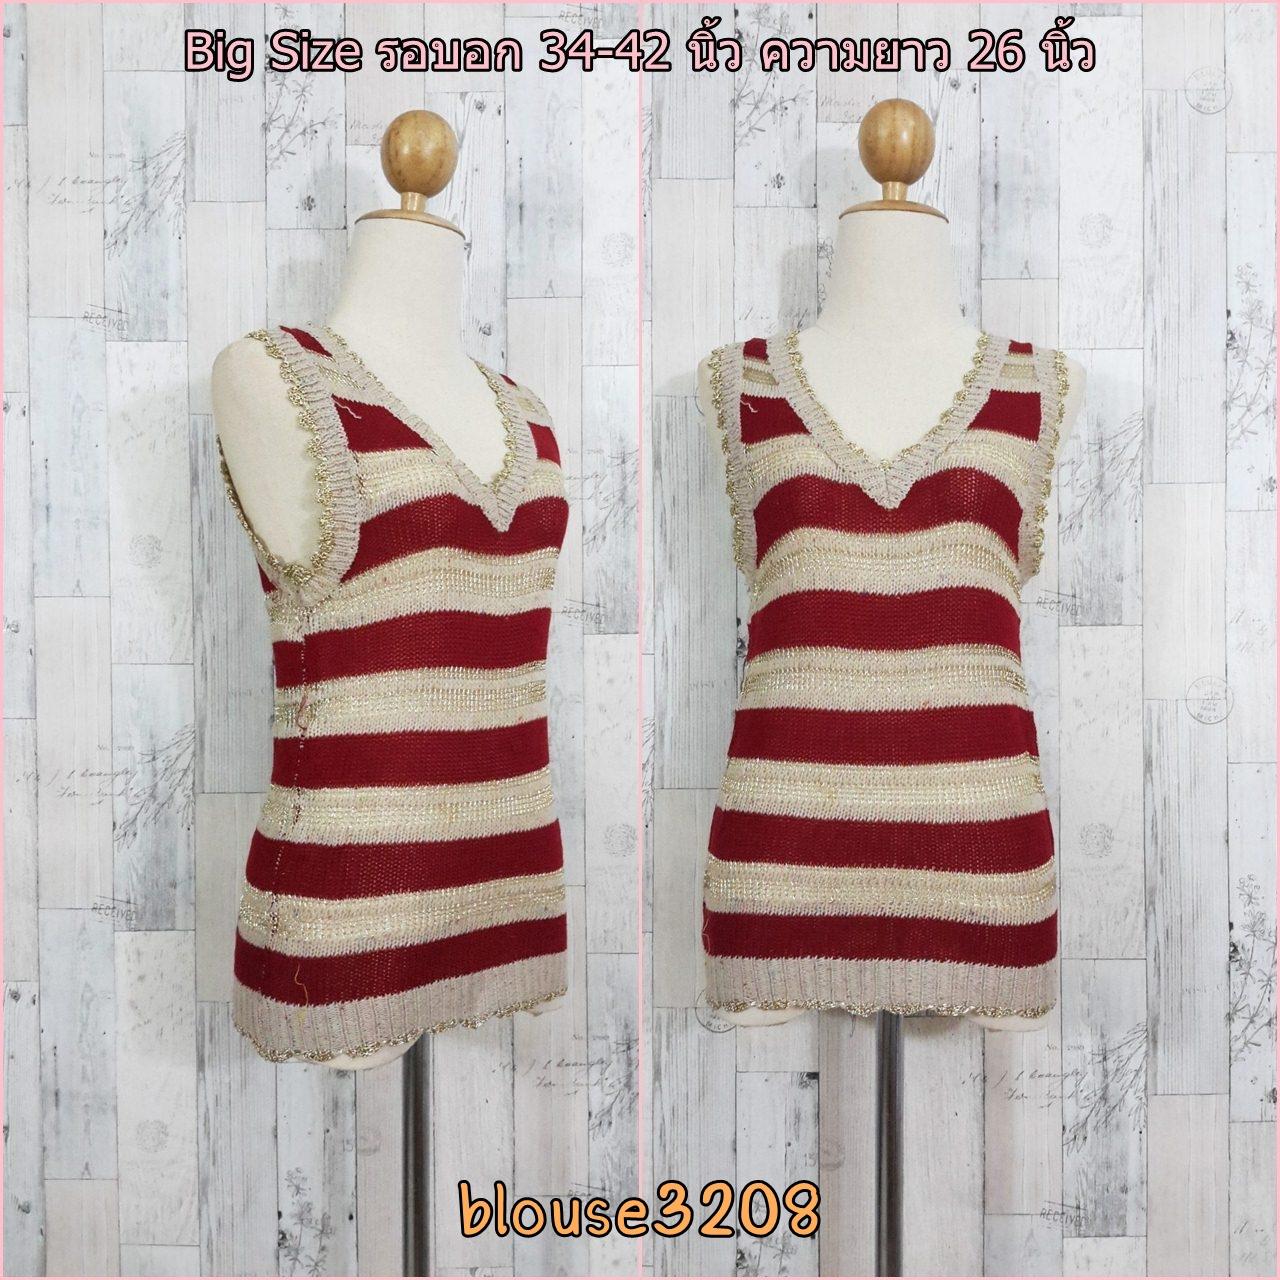 blouse3208 เสื้อแฟชั่น คอวี แขนกุด ผ้าไหมพรมยืดสลับสี โทนสีแดงเลือดหมู